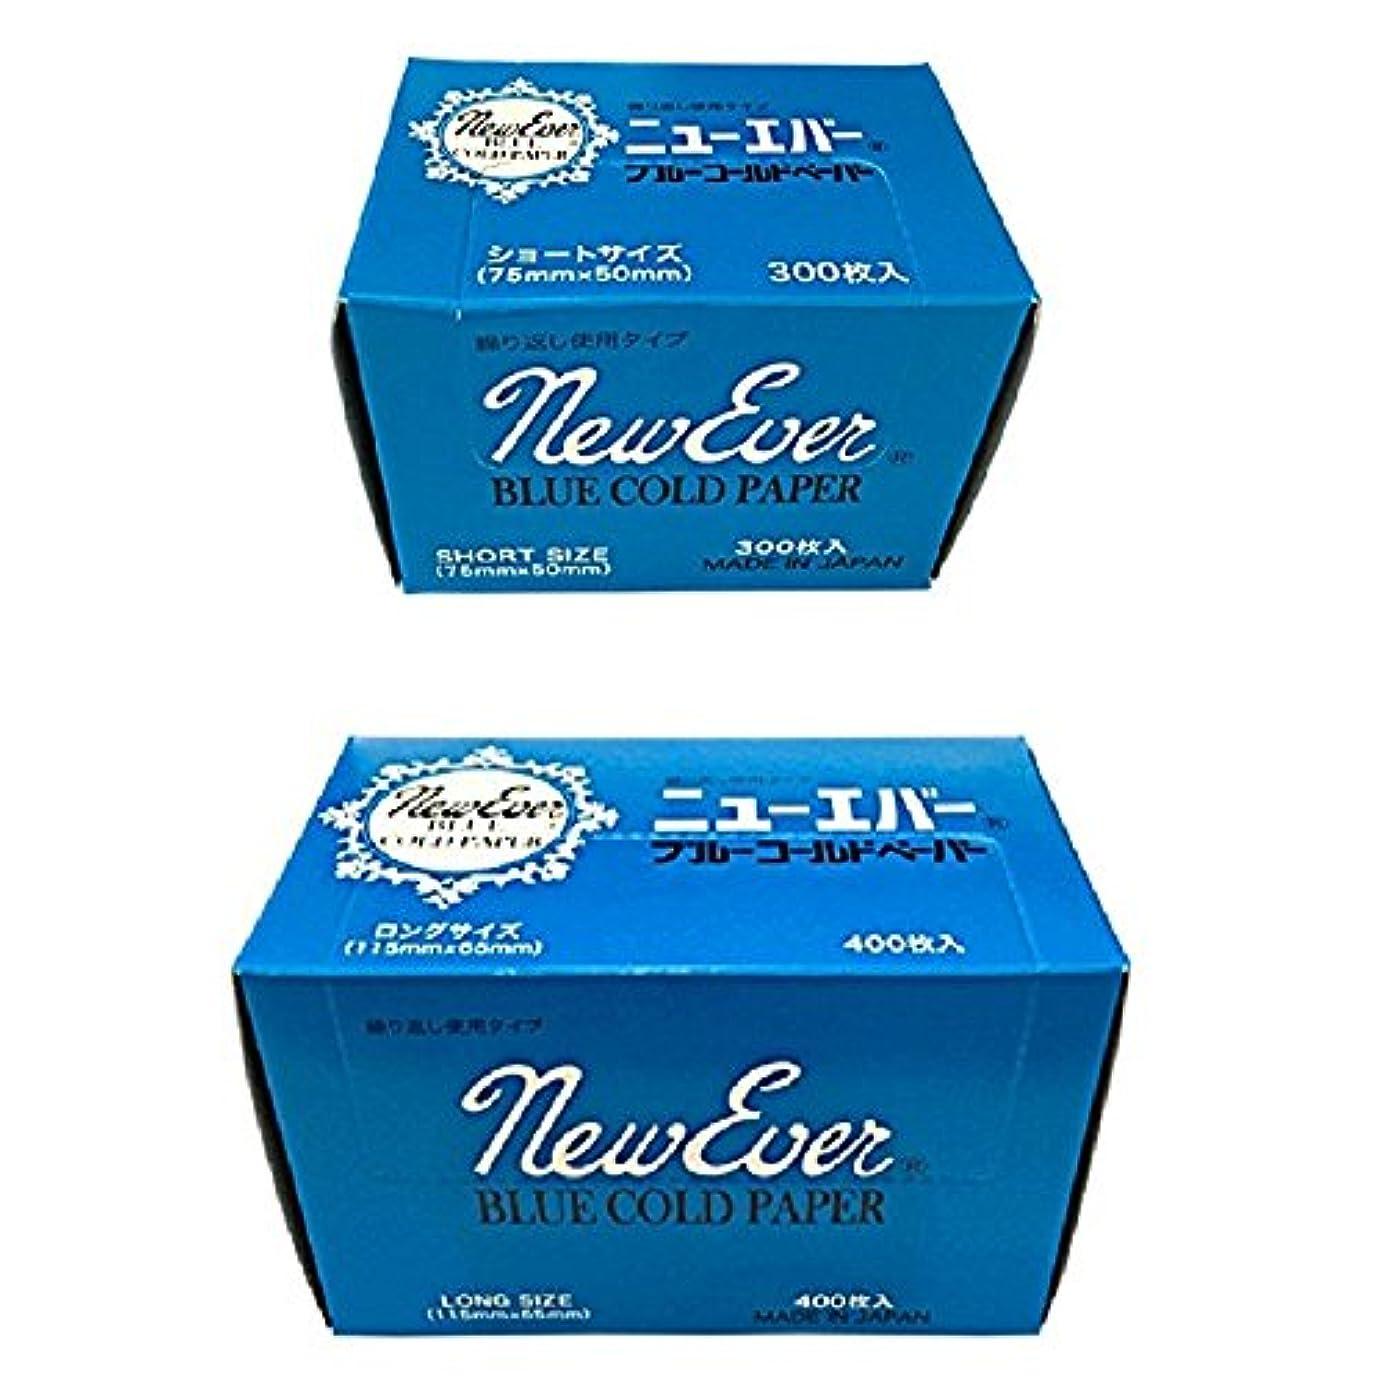 プロポーショナル冷凍庫ティーンエイジャー【セット】 エバーメイト ニューエバー ブルーペーパー S スモールサイズ 300枚入り & L ロングサイズ 400枚入